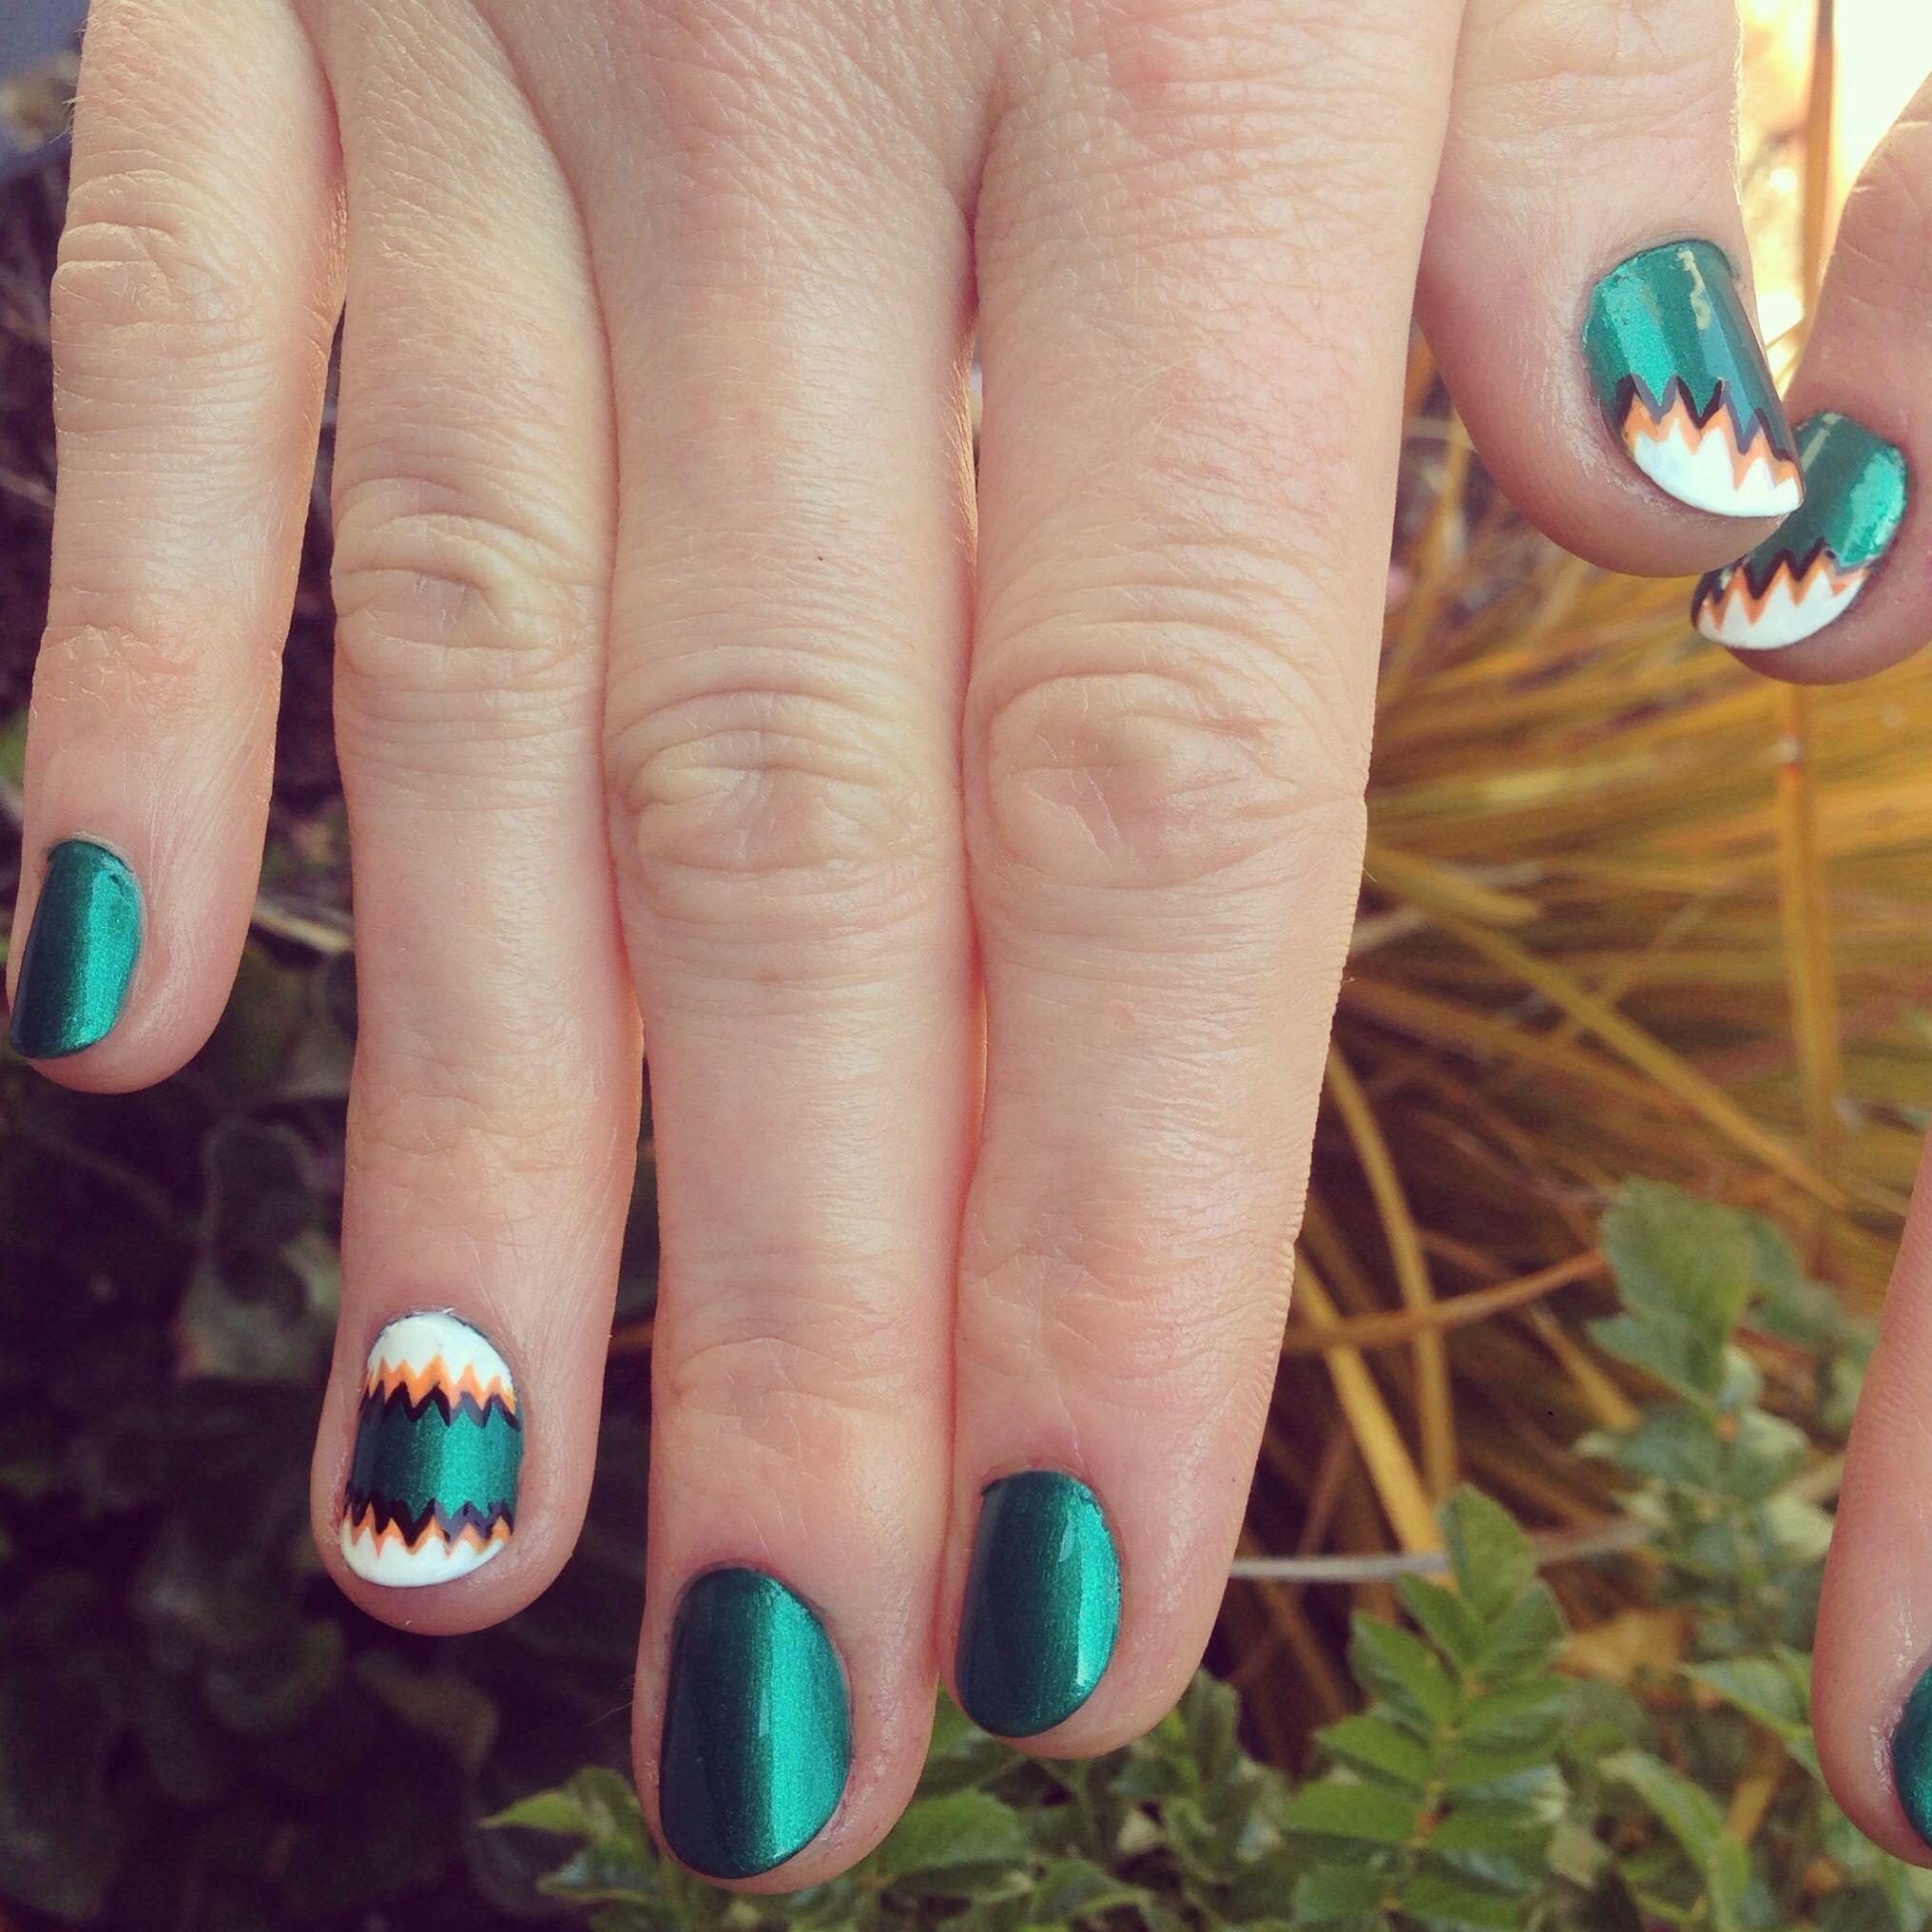 San Jose Sharks Nails Bleed Teal Diy Nail Design Nhl Nails Go Sharks Nail Colors Sports Nails Popular Nail Colors